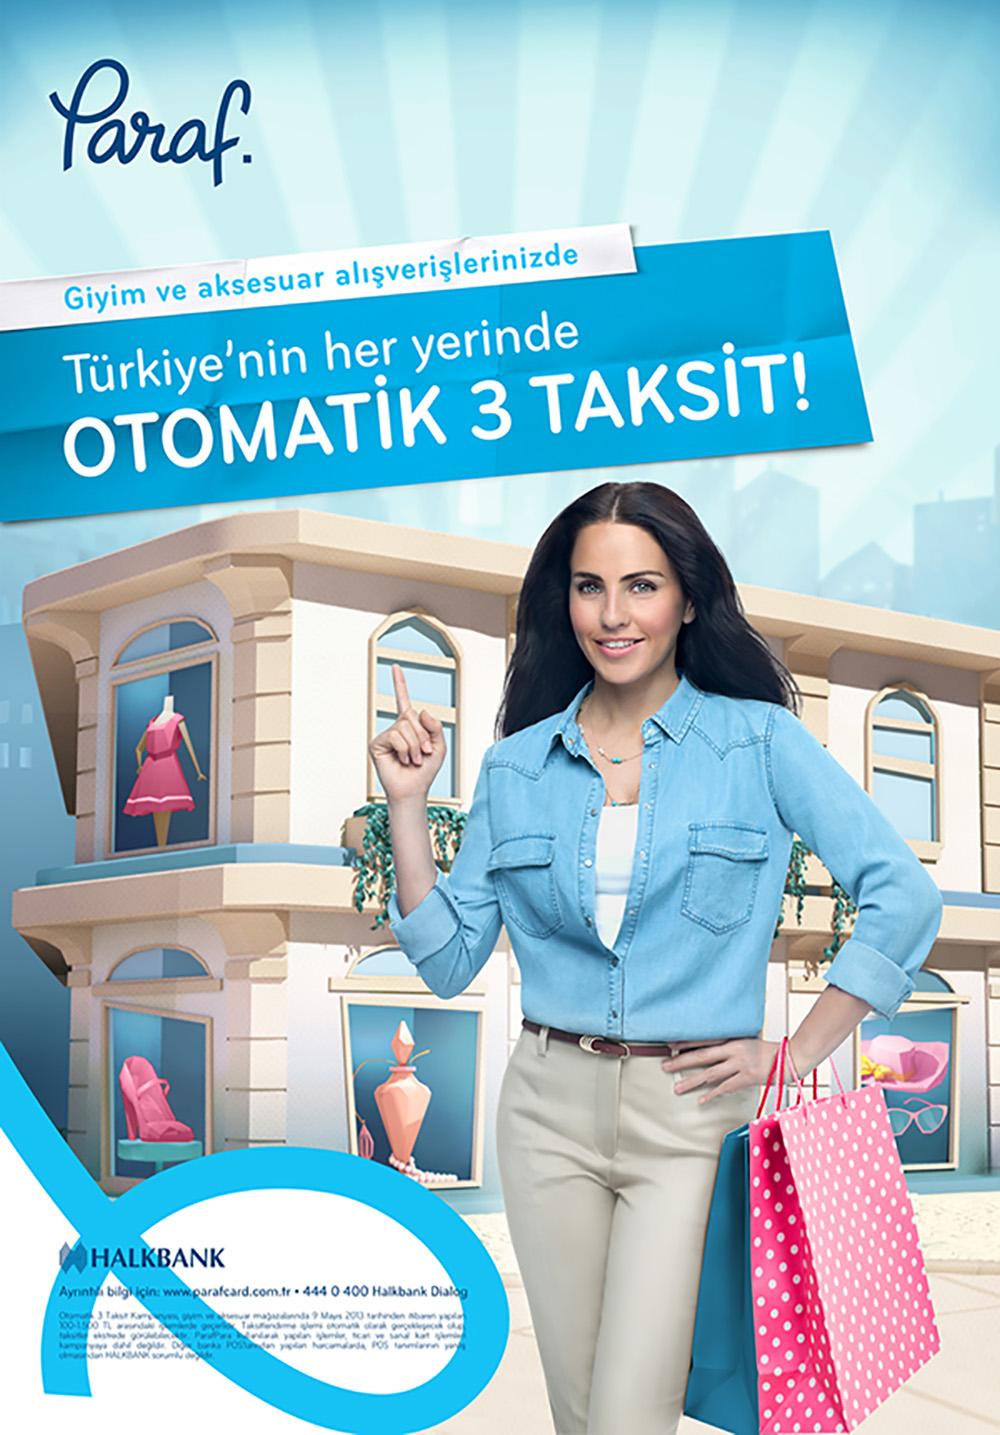 Paraf_OtomatikTaksit